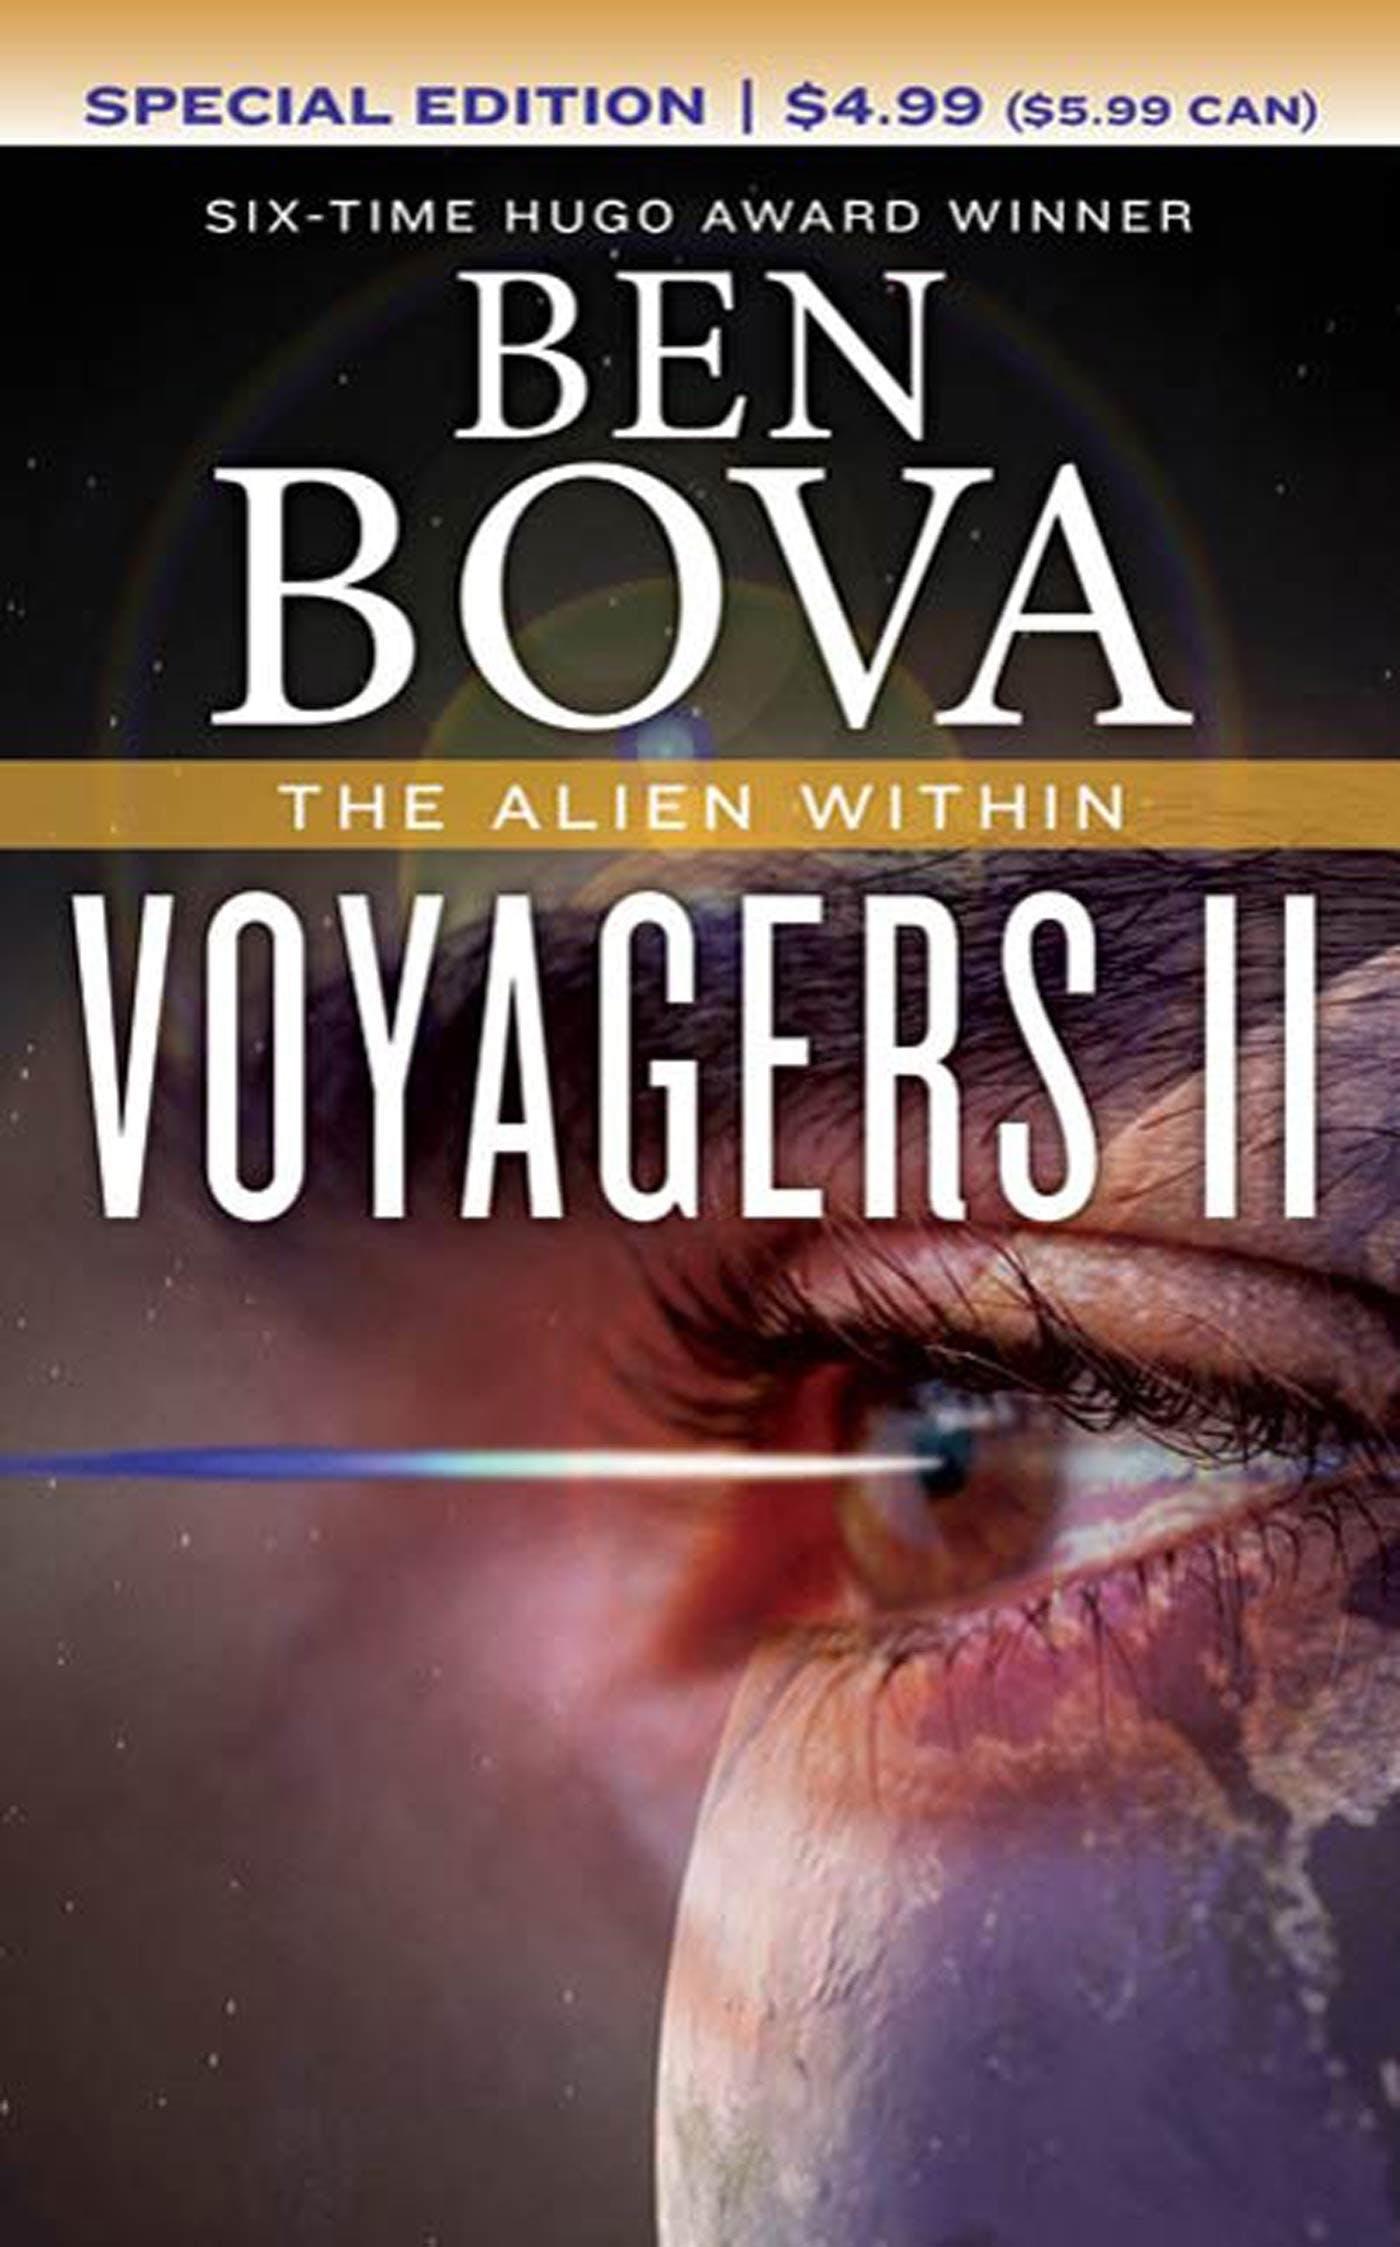 Image of Voyagers II